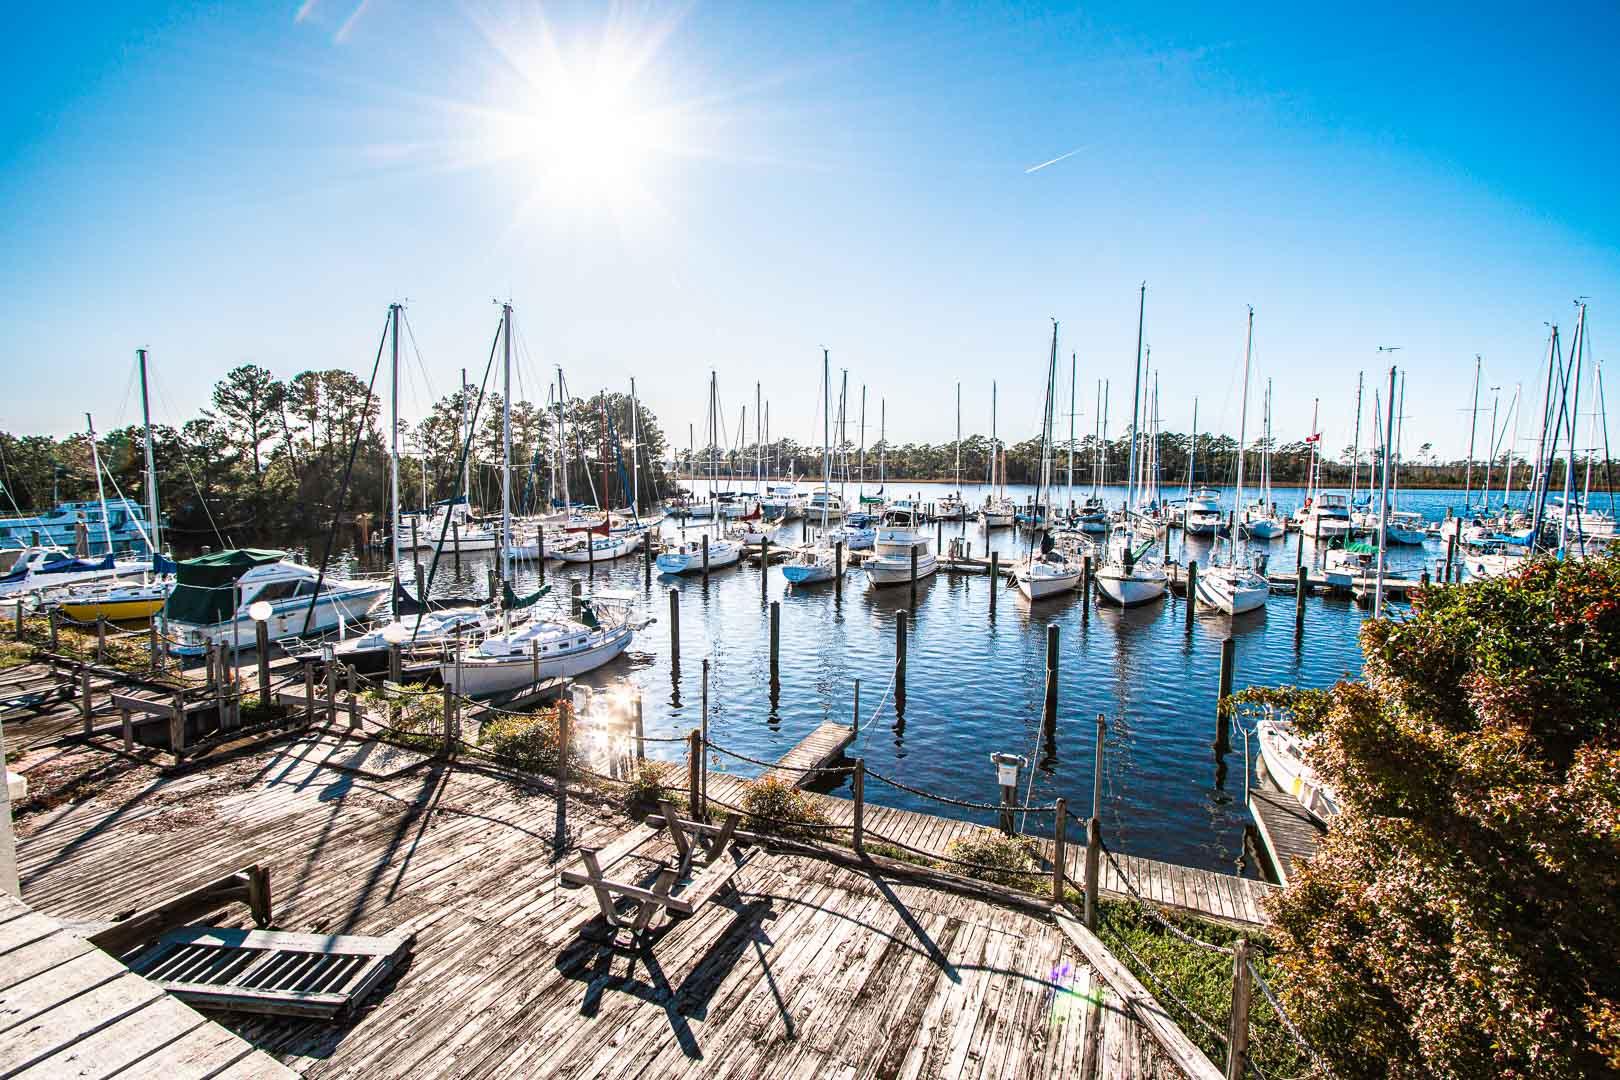 A scenic boat dock at VRI's Harbourside II in New Bern, North Carolina.